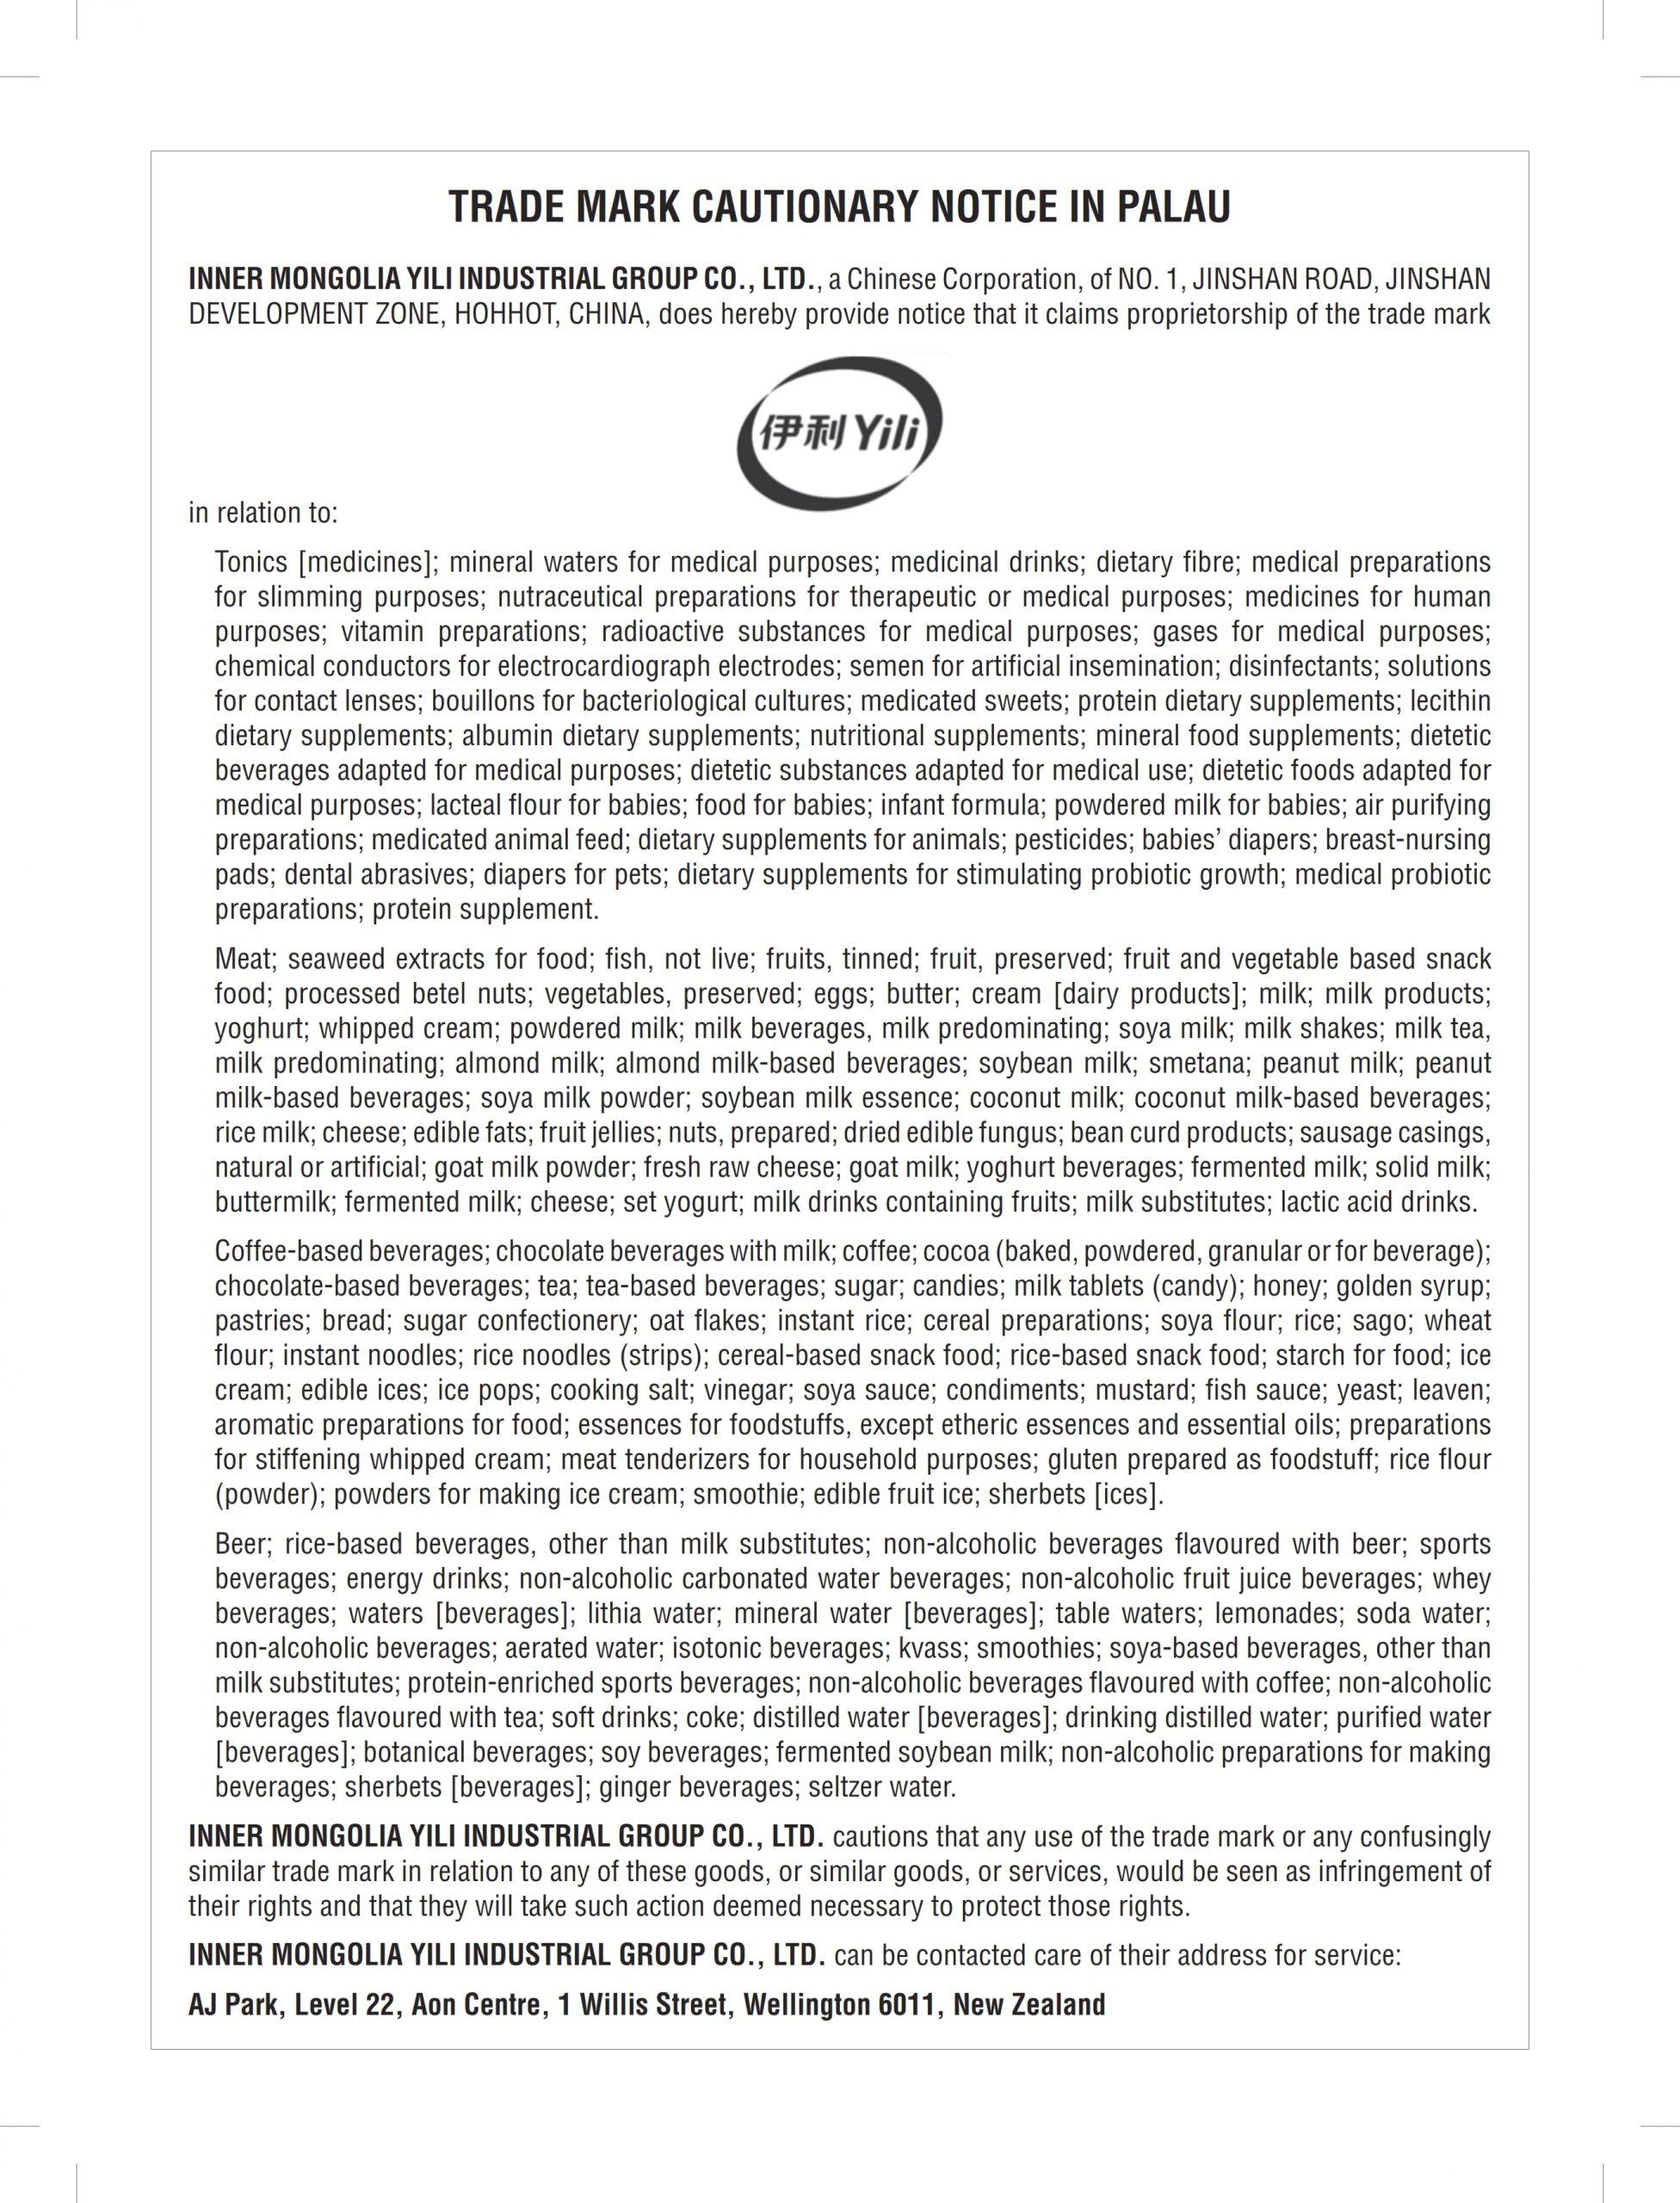 Cautionary Notice Palau Chinese ref 883432